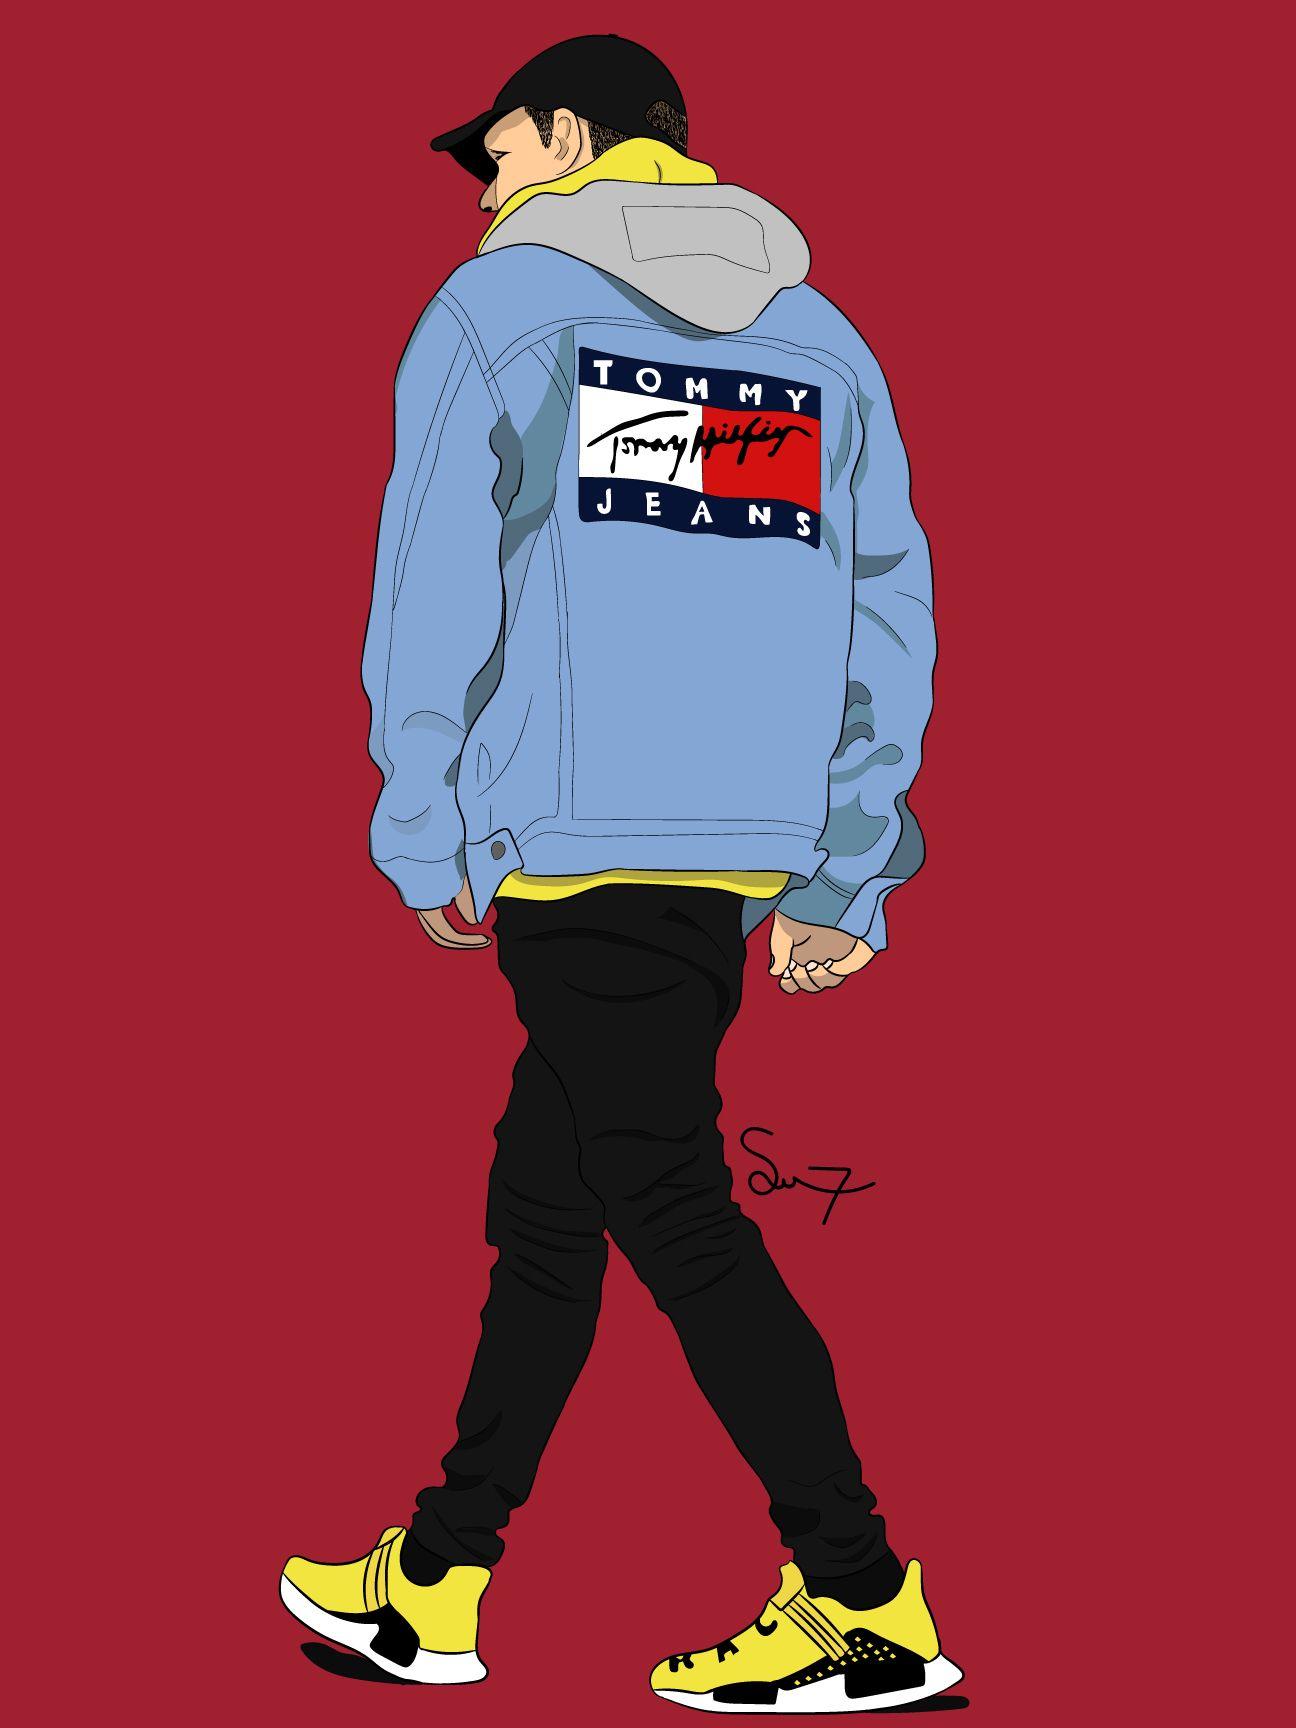 Pin oleh Saifkh99 di Digital drawing Orang animasi